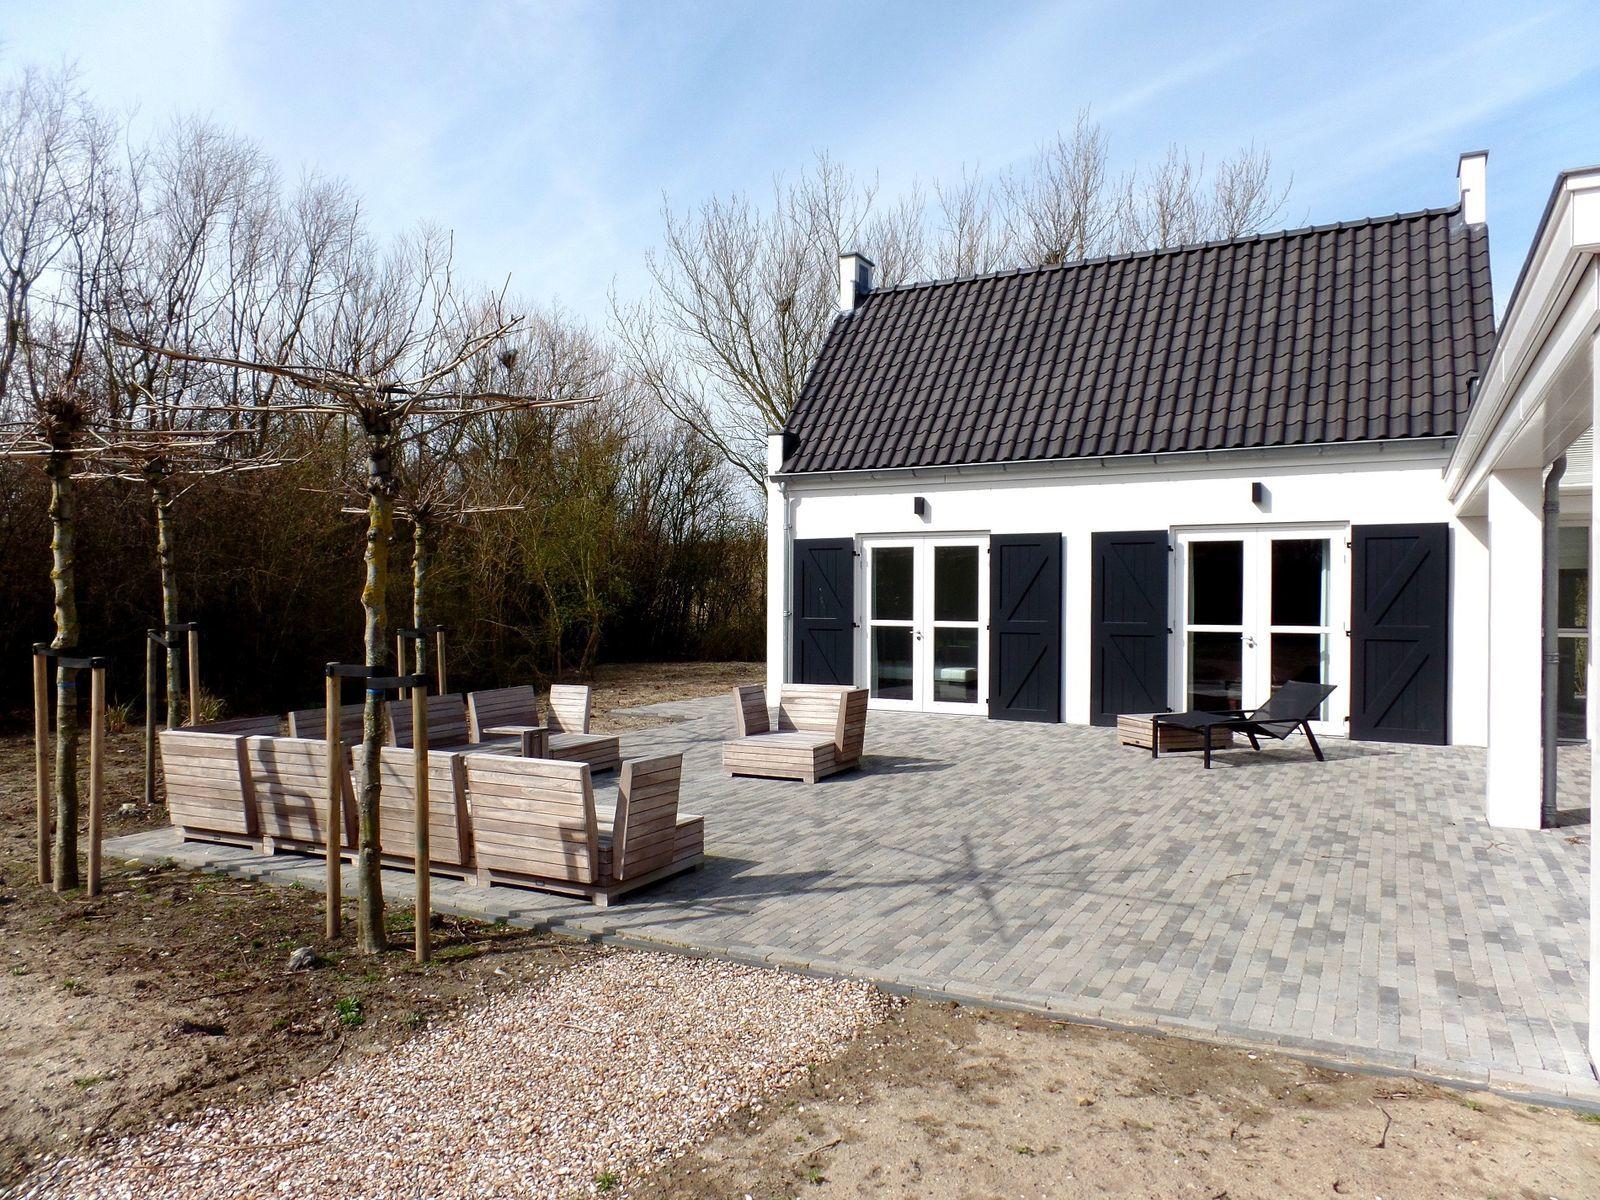 Ferienhaus - Westerweg 23